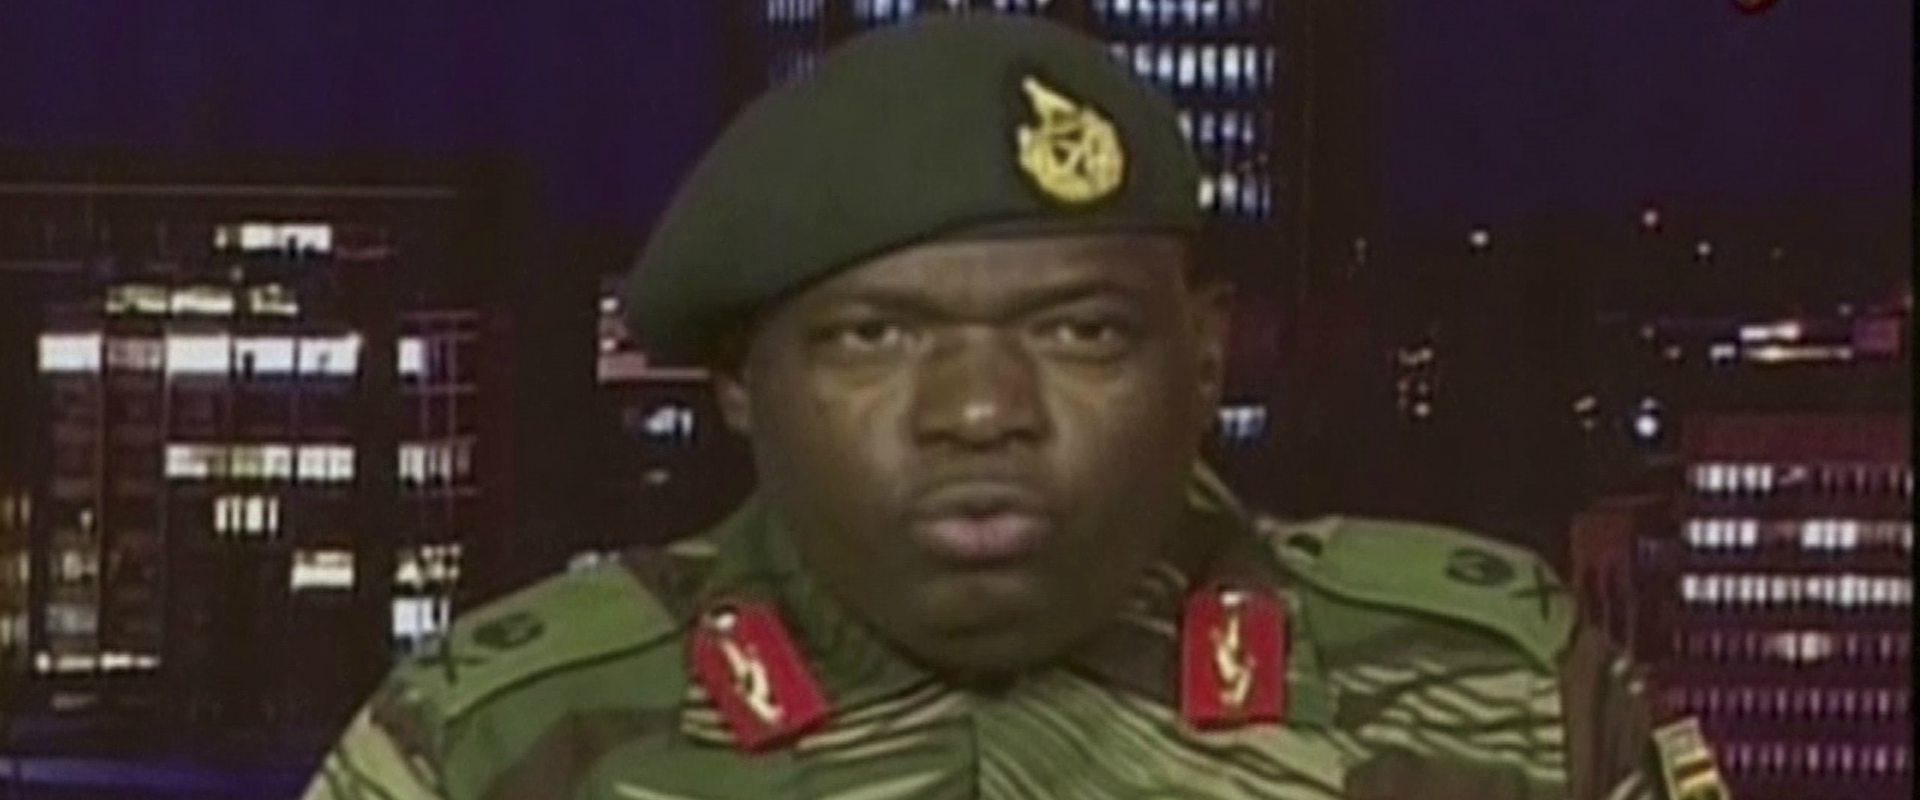 נציג הצבא מודיע על תפיסת הנשיא